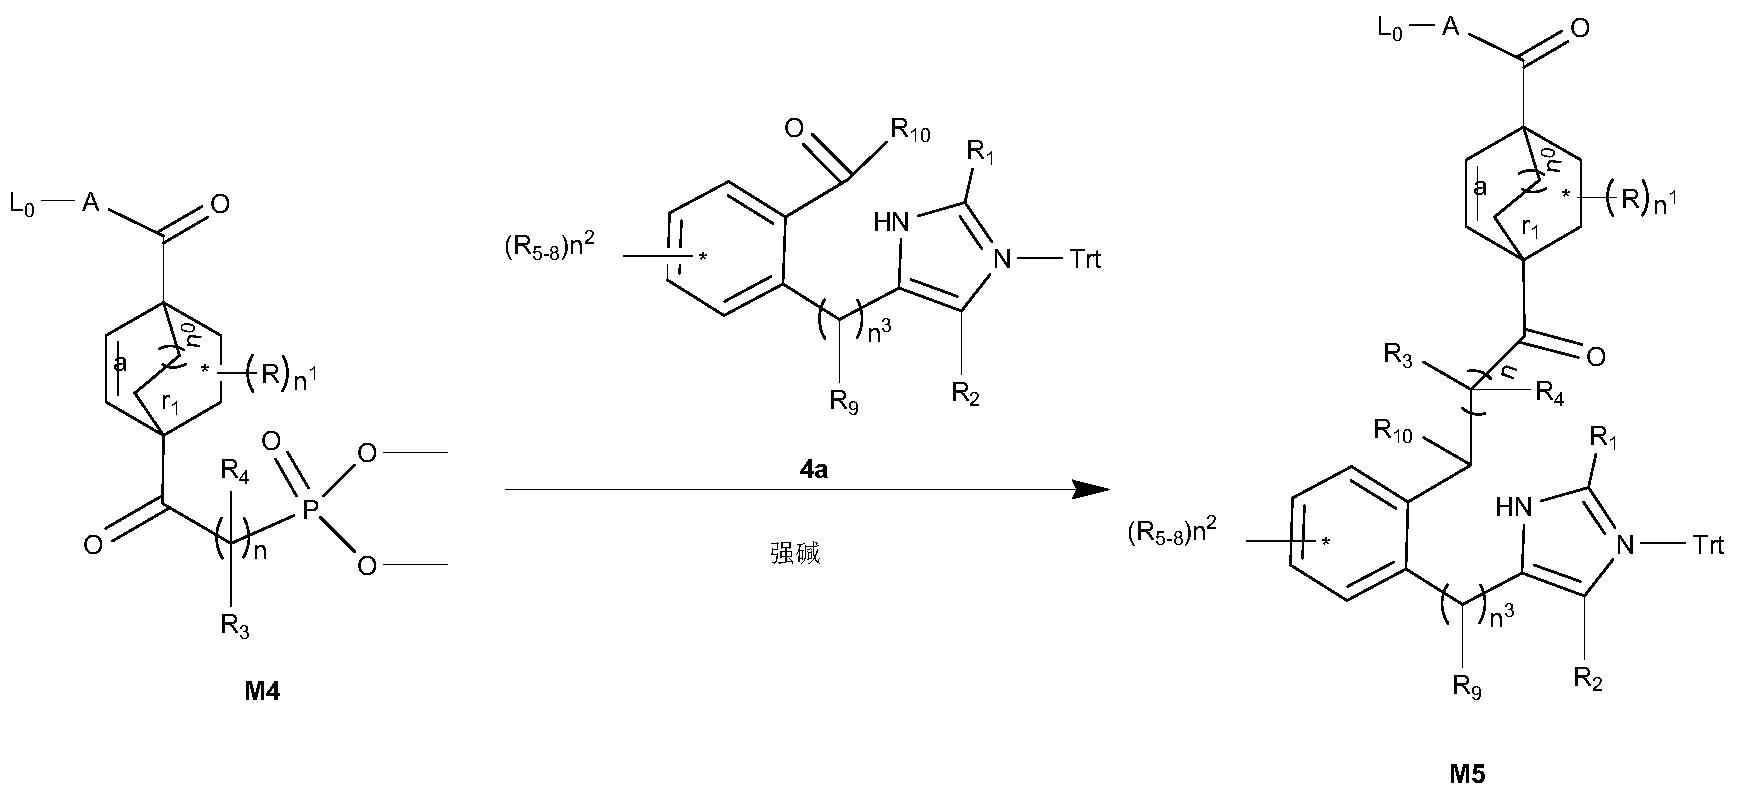 Figure PCTCN2017084604-appb-000042